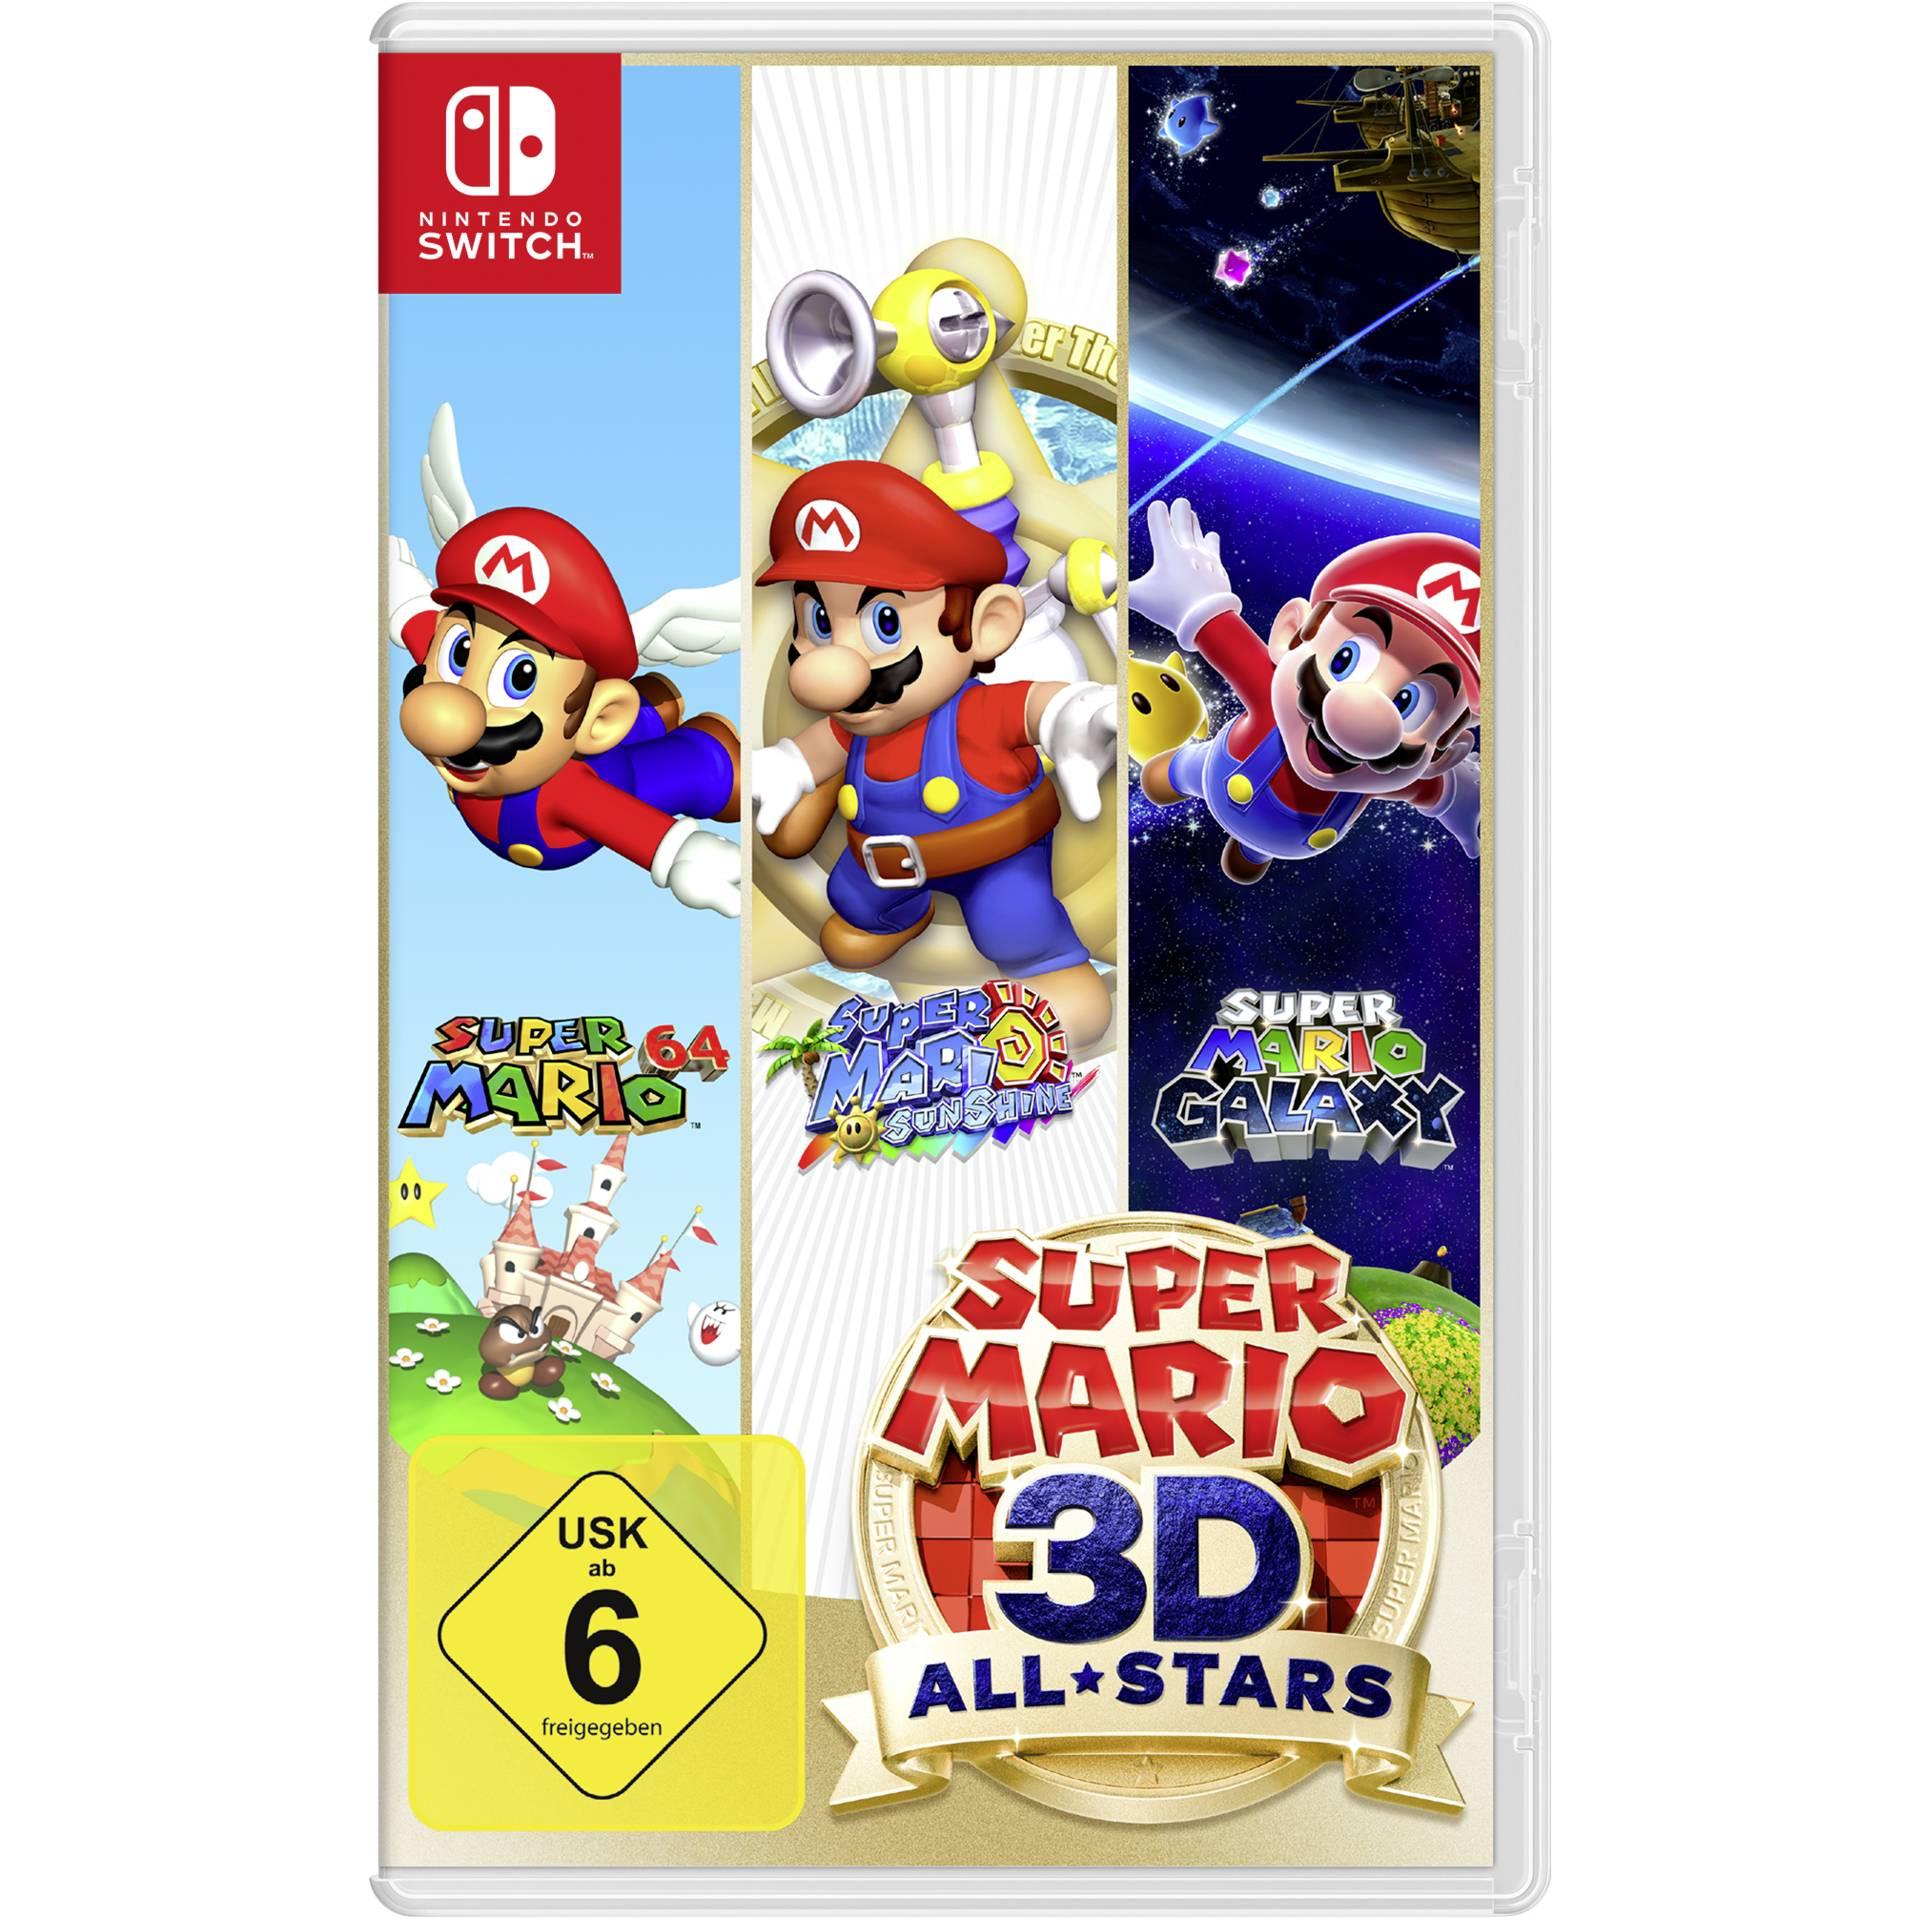 Super Mario 3D All-Stars Nintendo Switch - für Maingau Kunden (auch Bestandskunden)